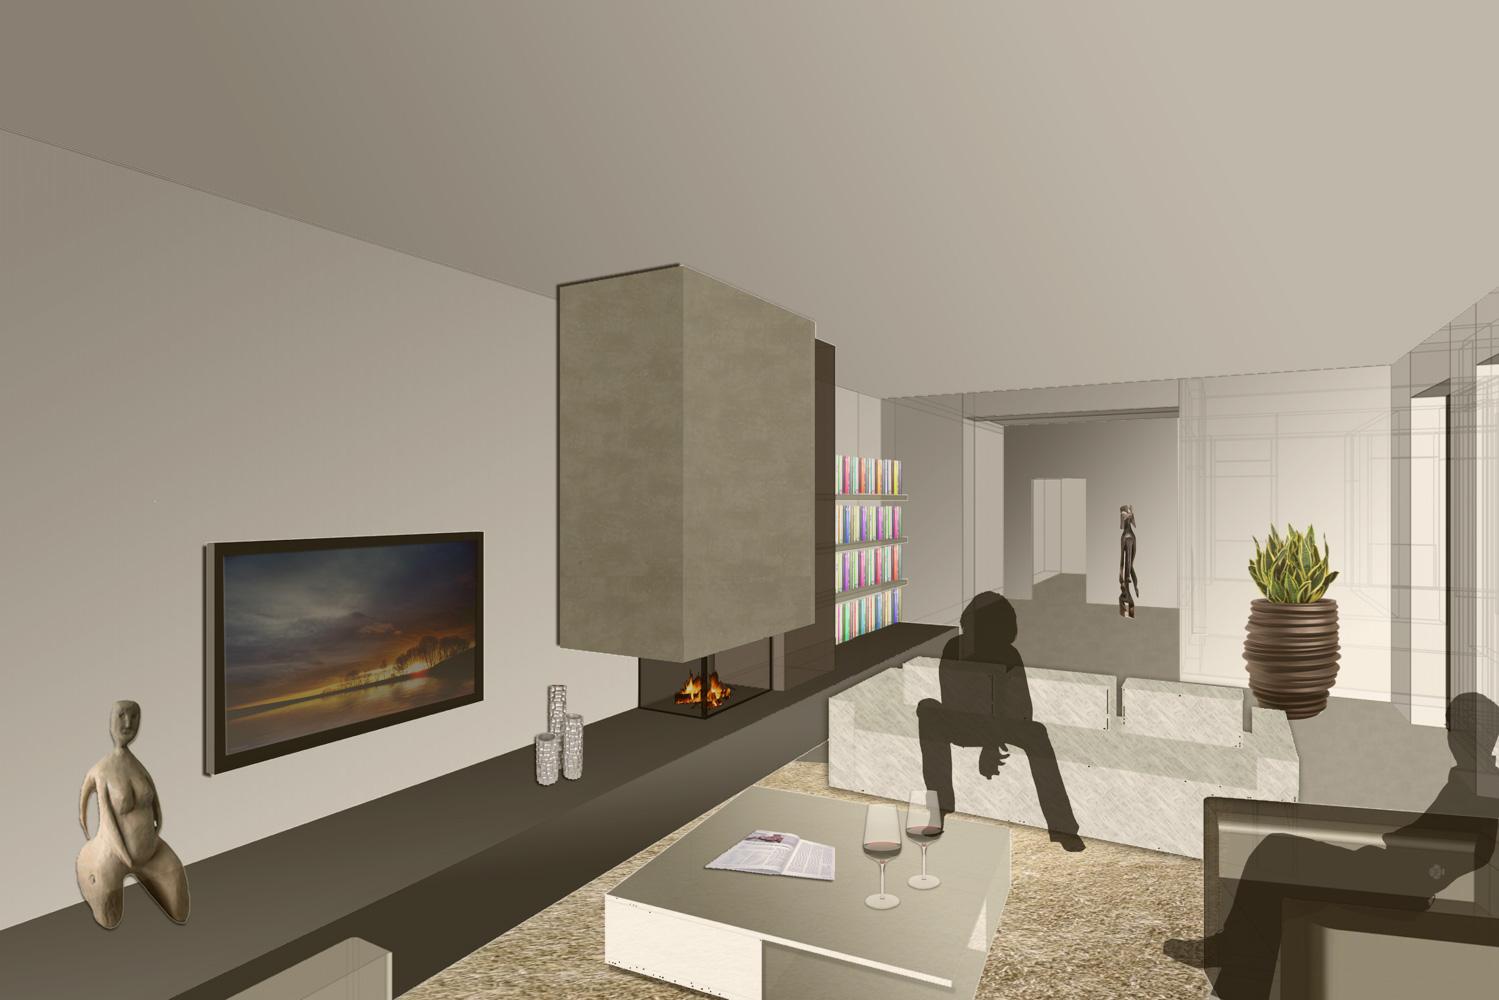 Planungsvorschau/Konzept des sanierungsbedürftigen Einfamilienhauses der Paschinger Architekten